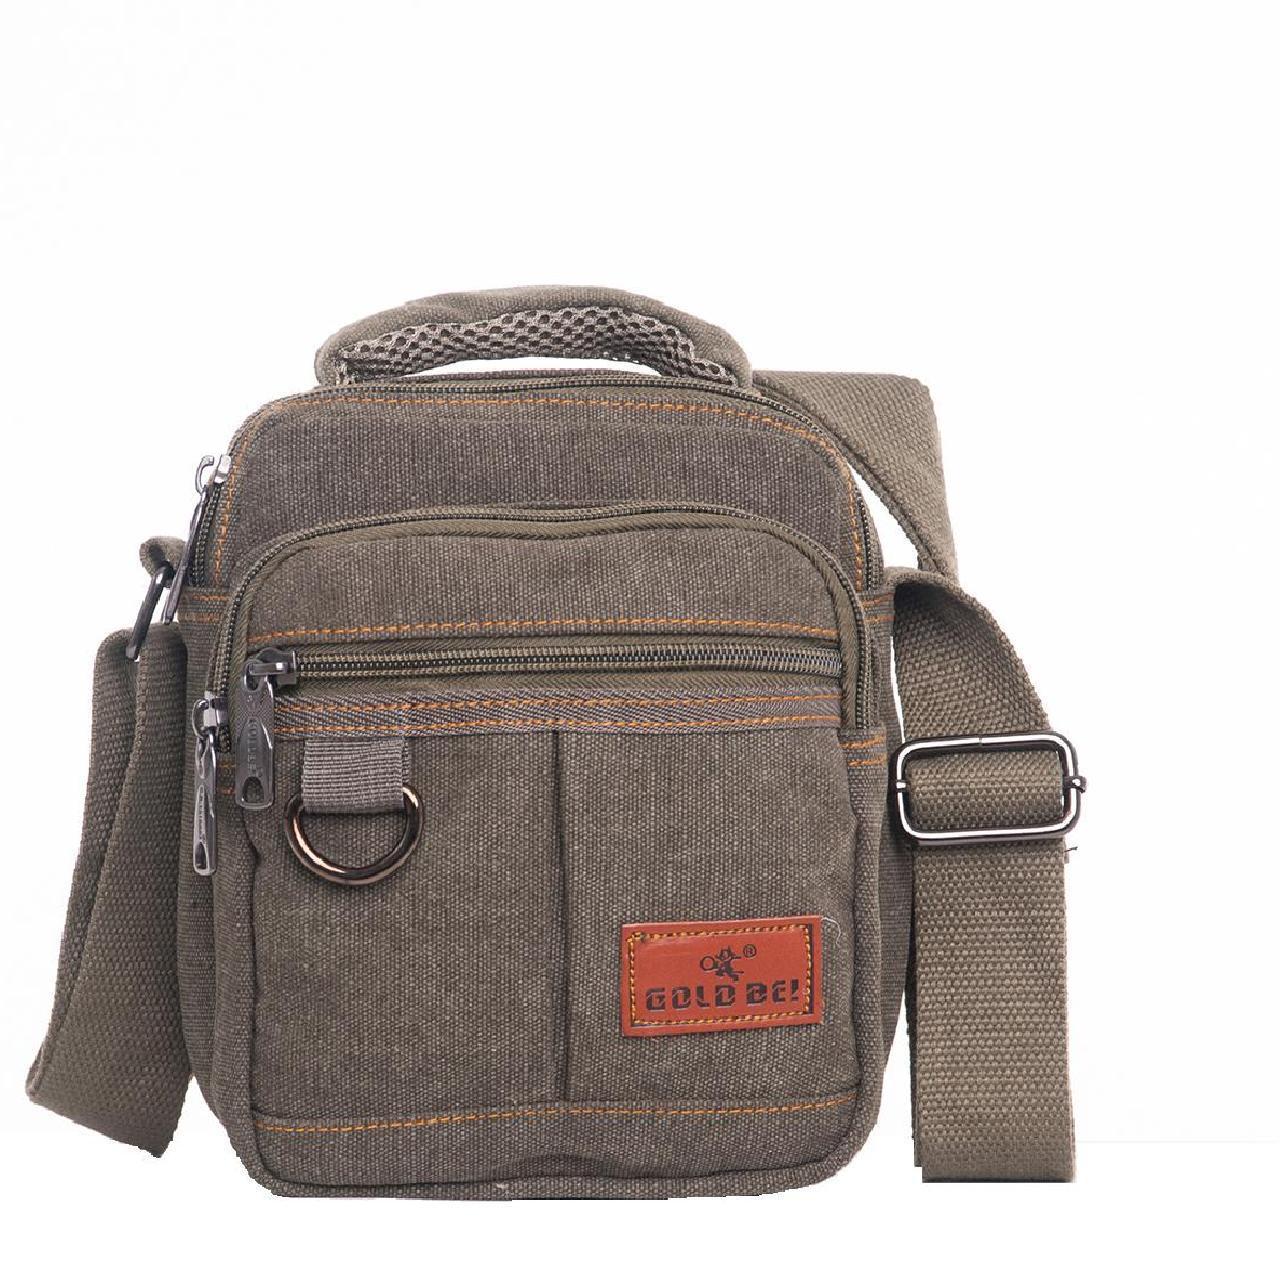 Мужская сумка GOLD BE вертикальная, 17х21х12 брезент цвет хаки ксС666х